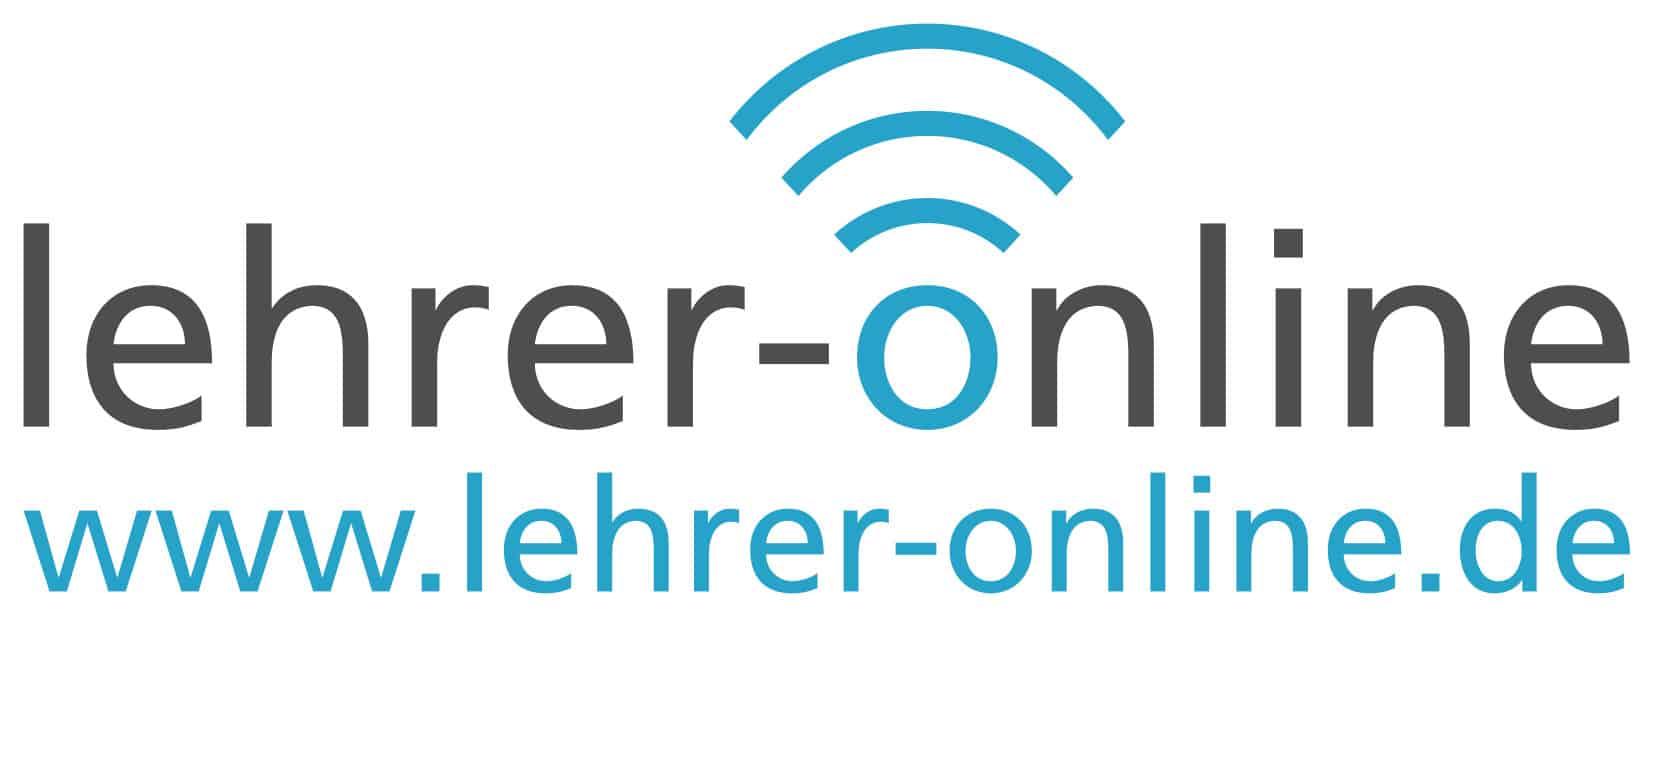 Lehrer-online Logo. Quelle: material.rpi-virtuell.de